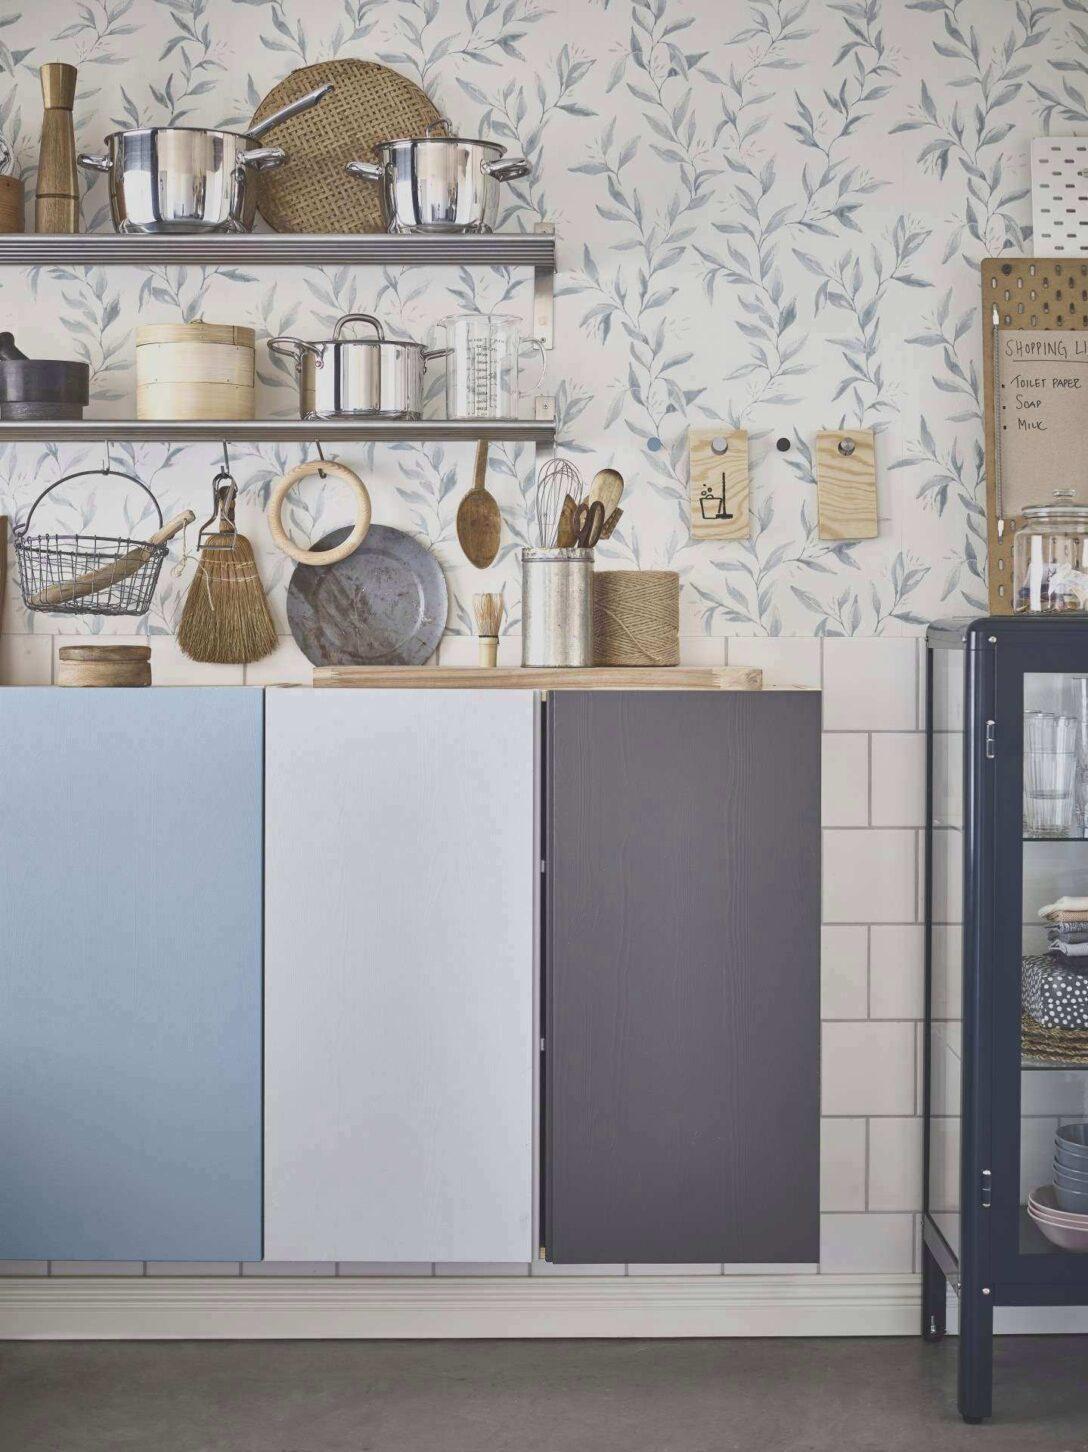 Large Size of Singleküche Ikea Värde Kche 100 Euro 22 Schnes Konzept Wei Holz Miniküche Mit Kühlschrank Küche Kaufen Kosten Betten 160x200 Modulküche Bei E Geräten Wohnzimmer Singleküche Ikea Värde